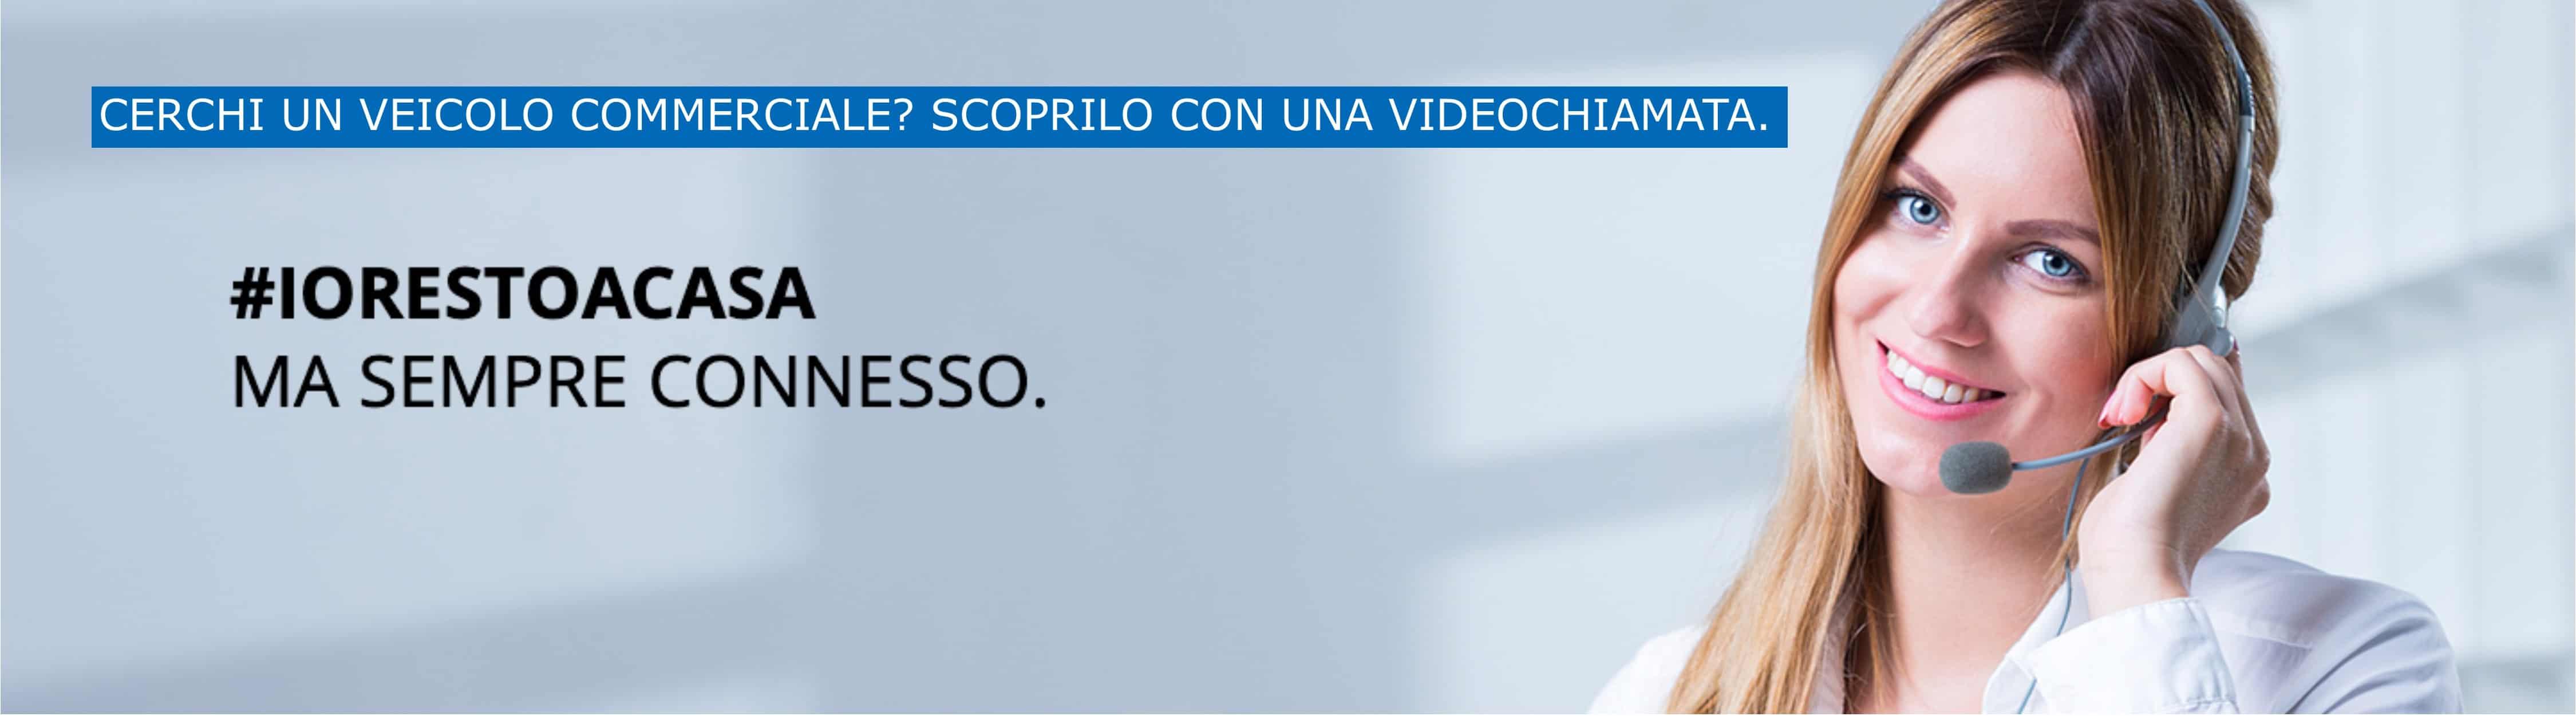 Concessionaria Iveco Orecchia: 90 anni di storia.